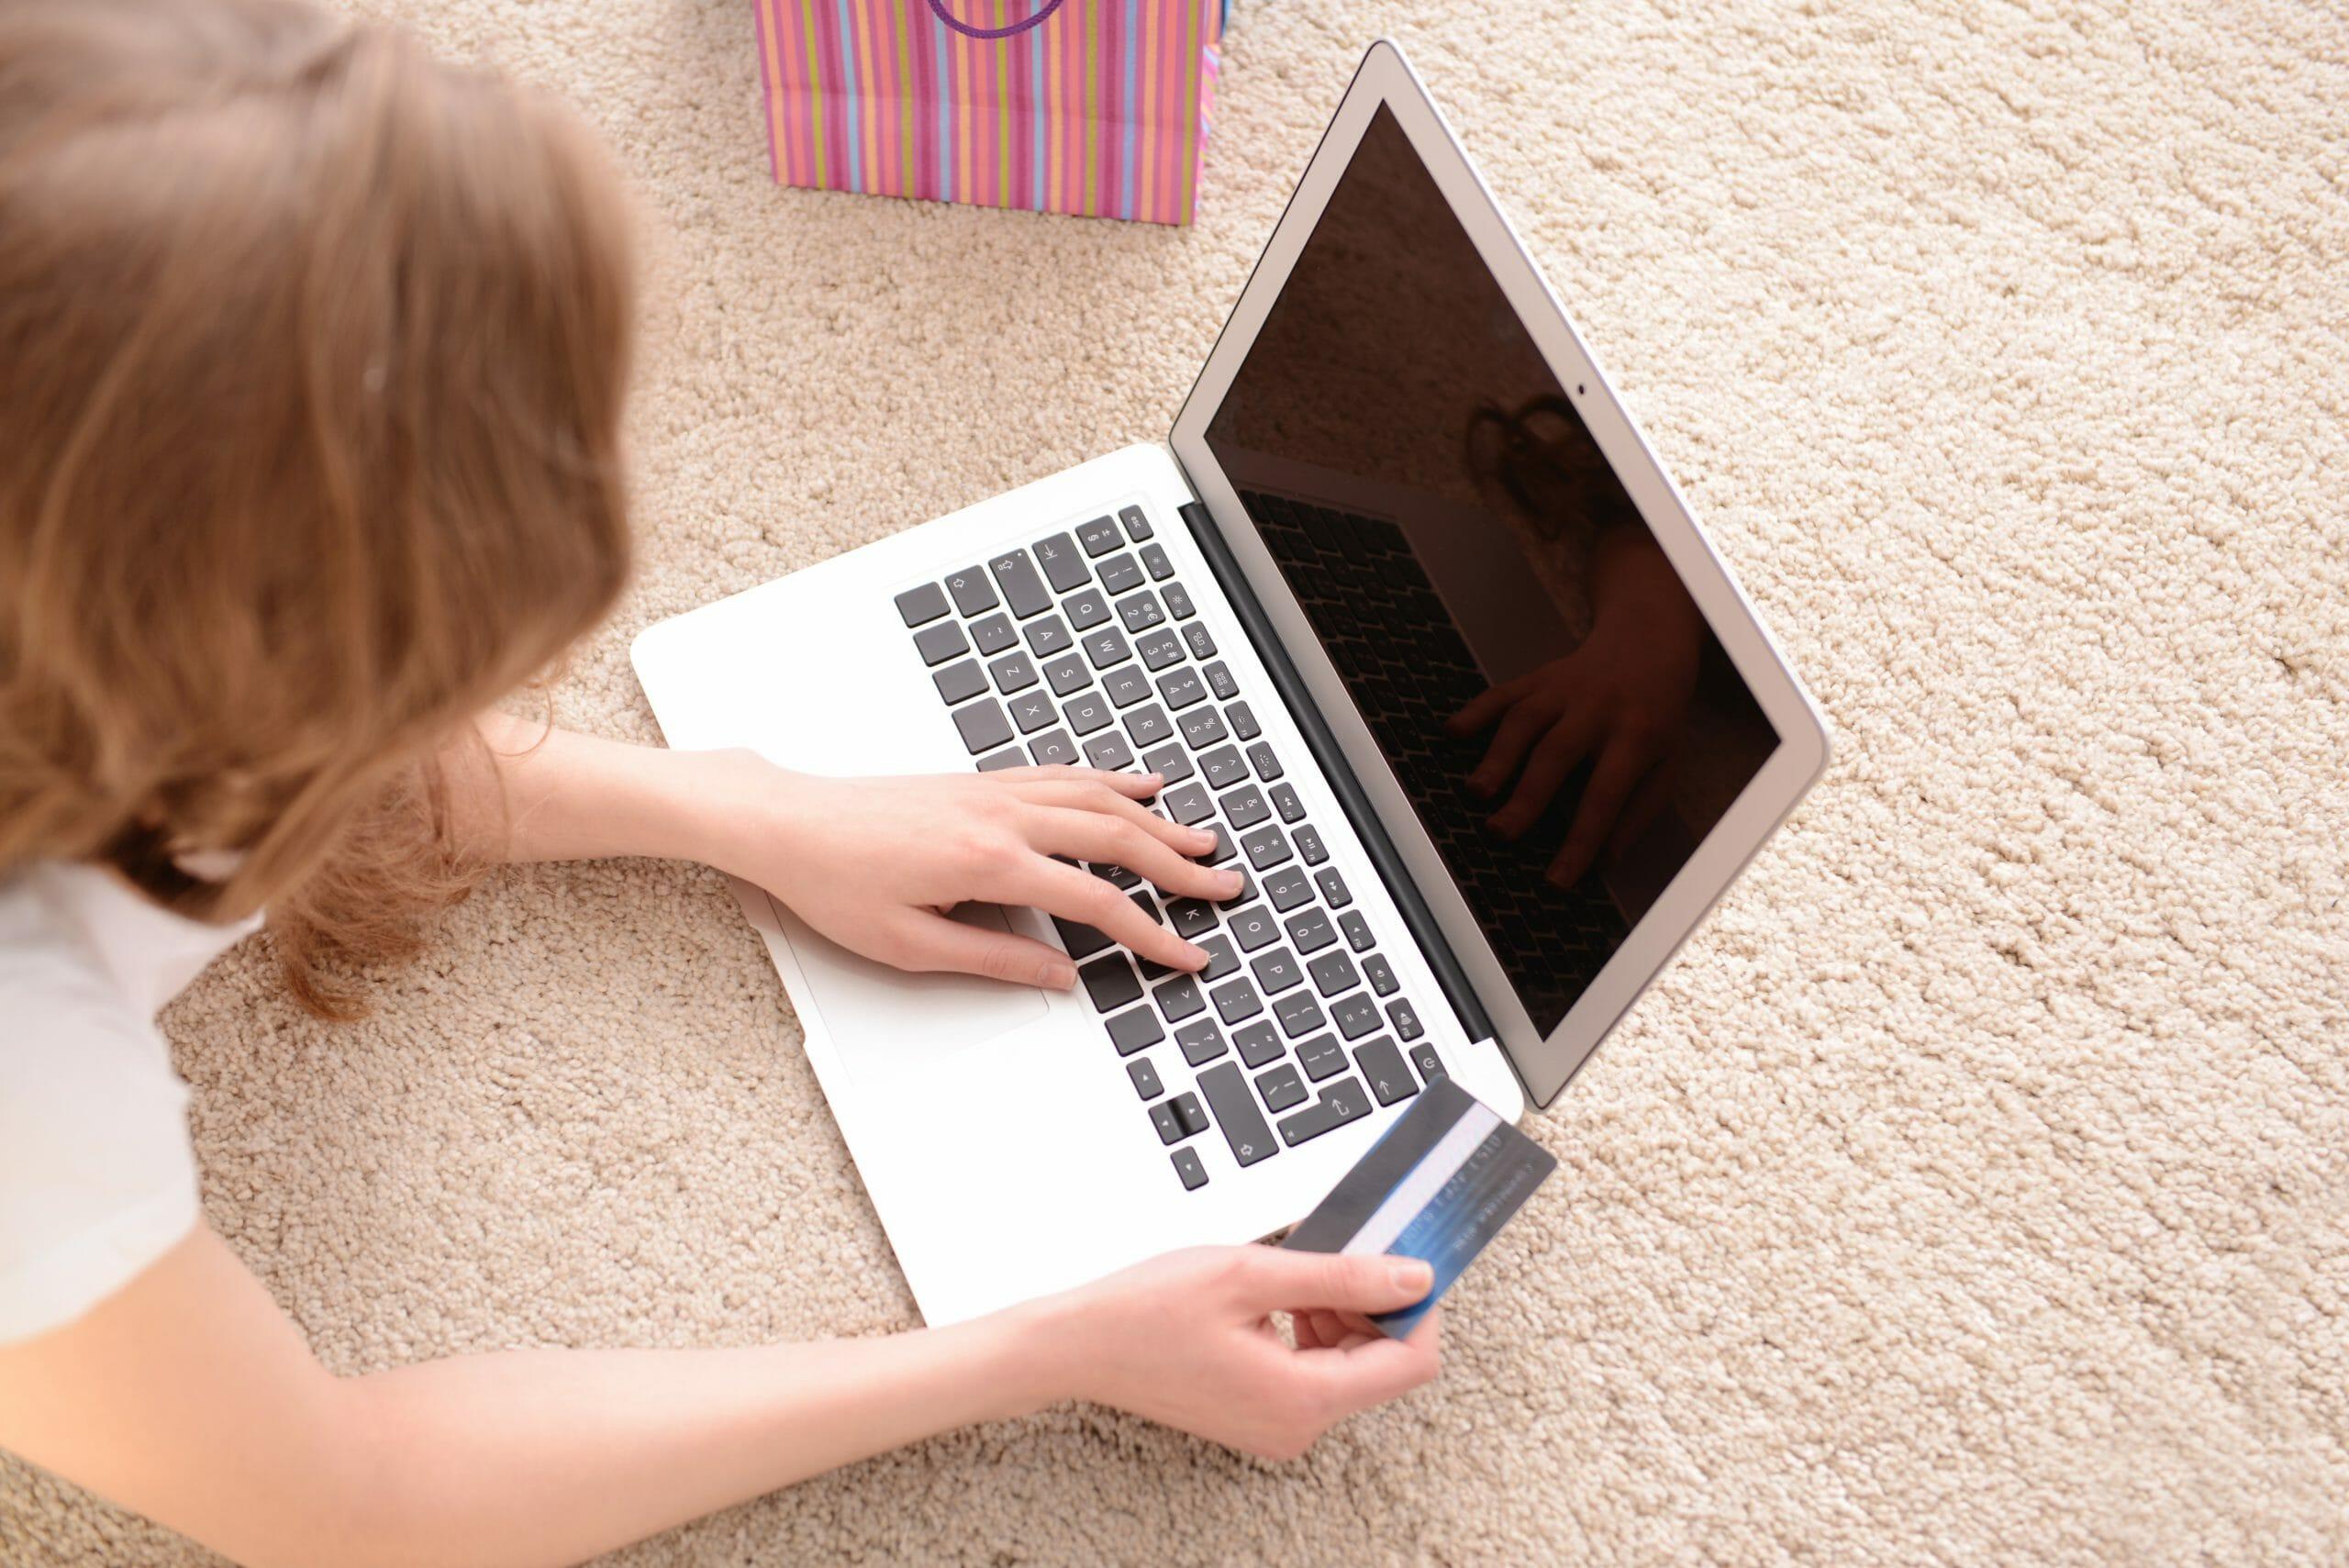 Read more about the article FAKTA: Det siger reglerne om skjult reklame